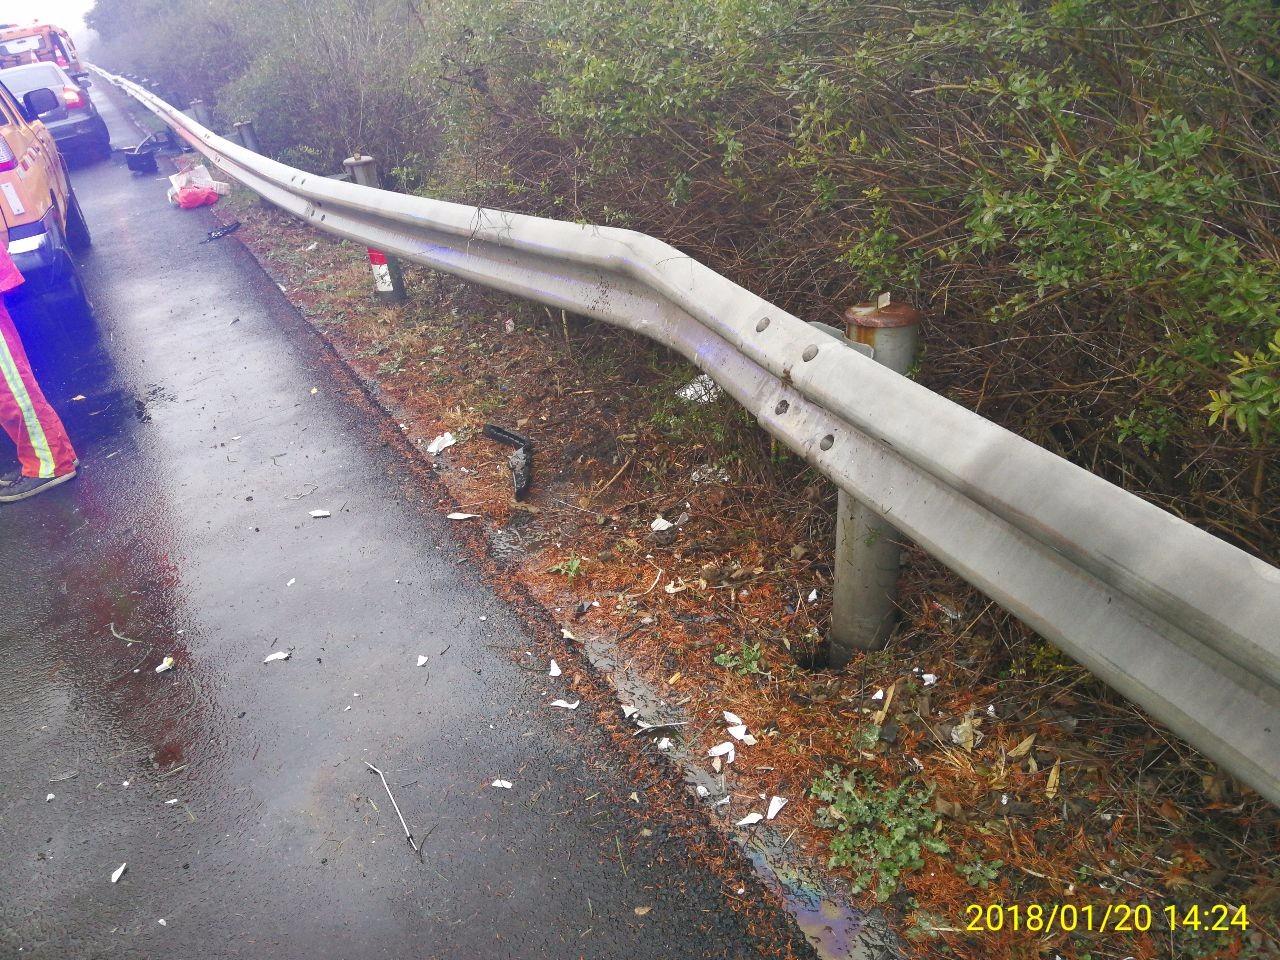 小轿车高速路上撞护栏横在车道 过路司机纷纷下车帮忙救援